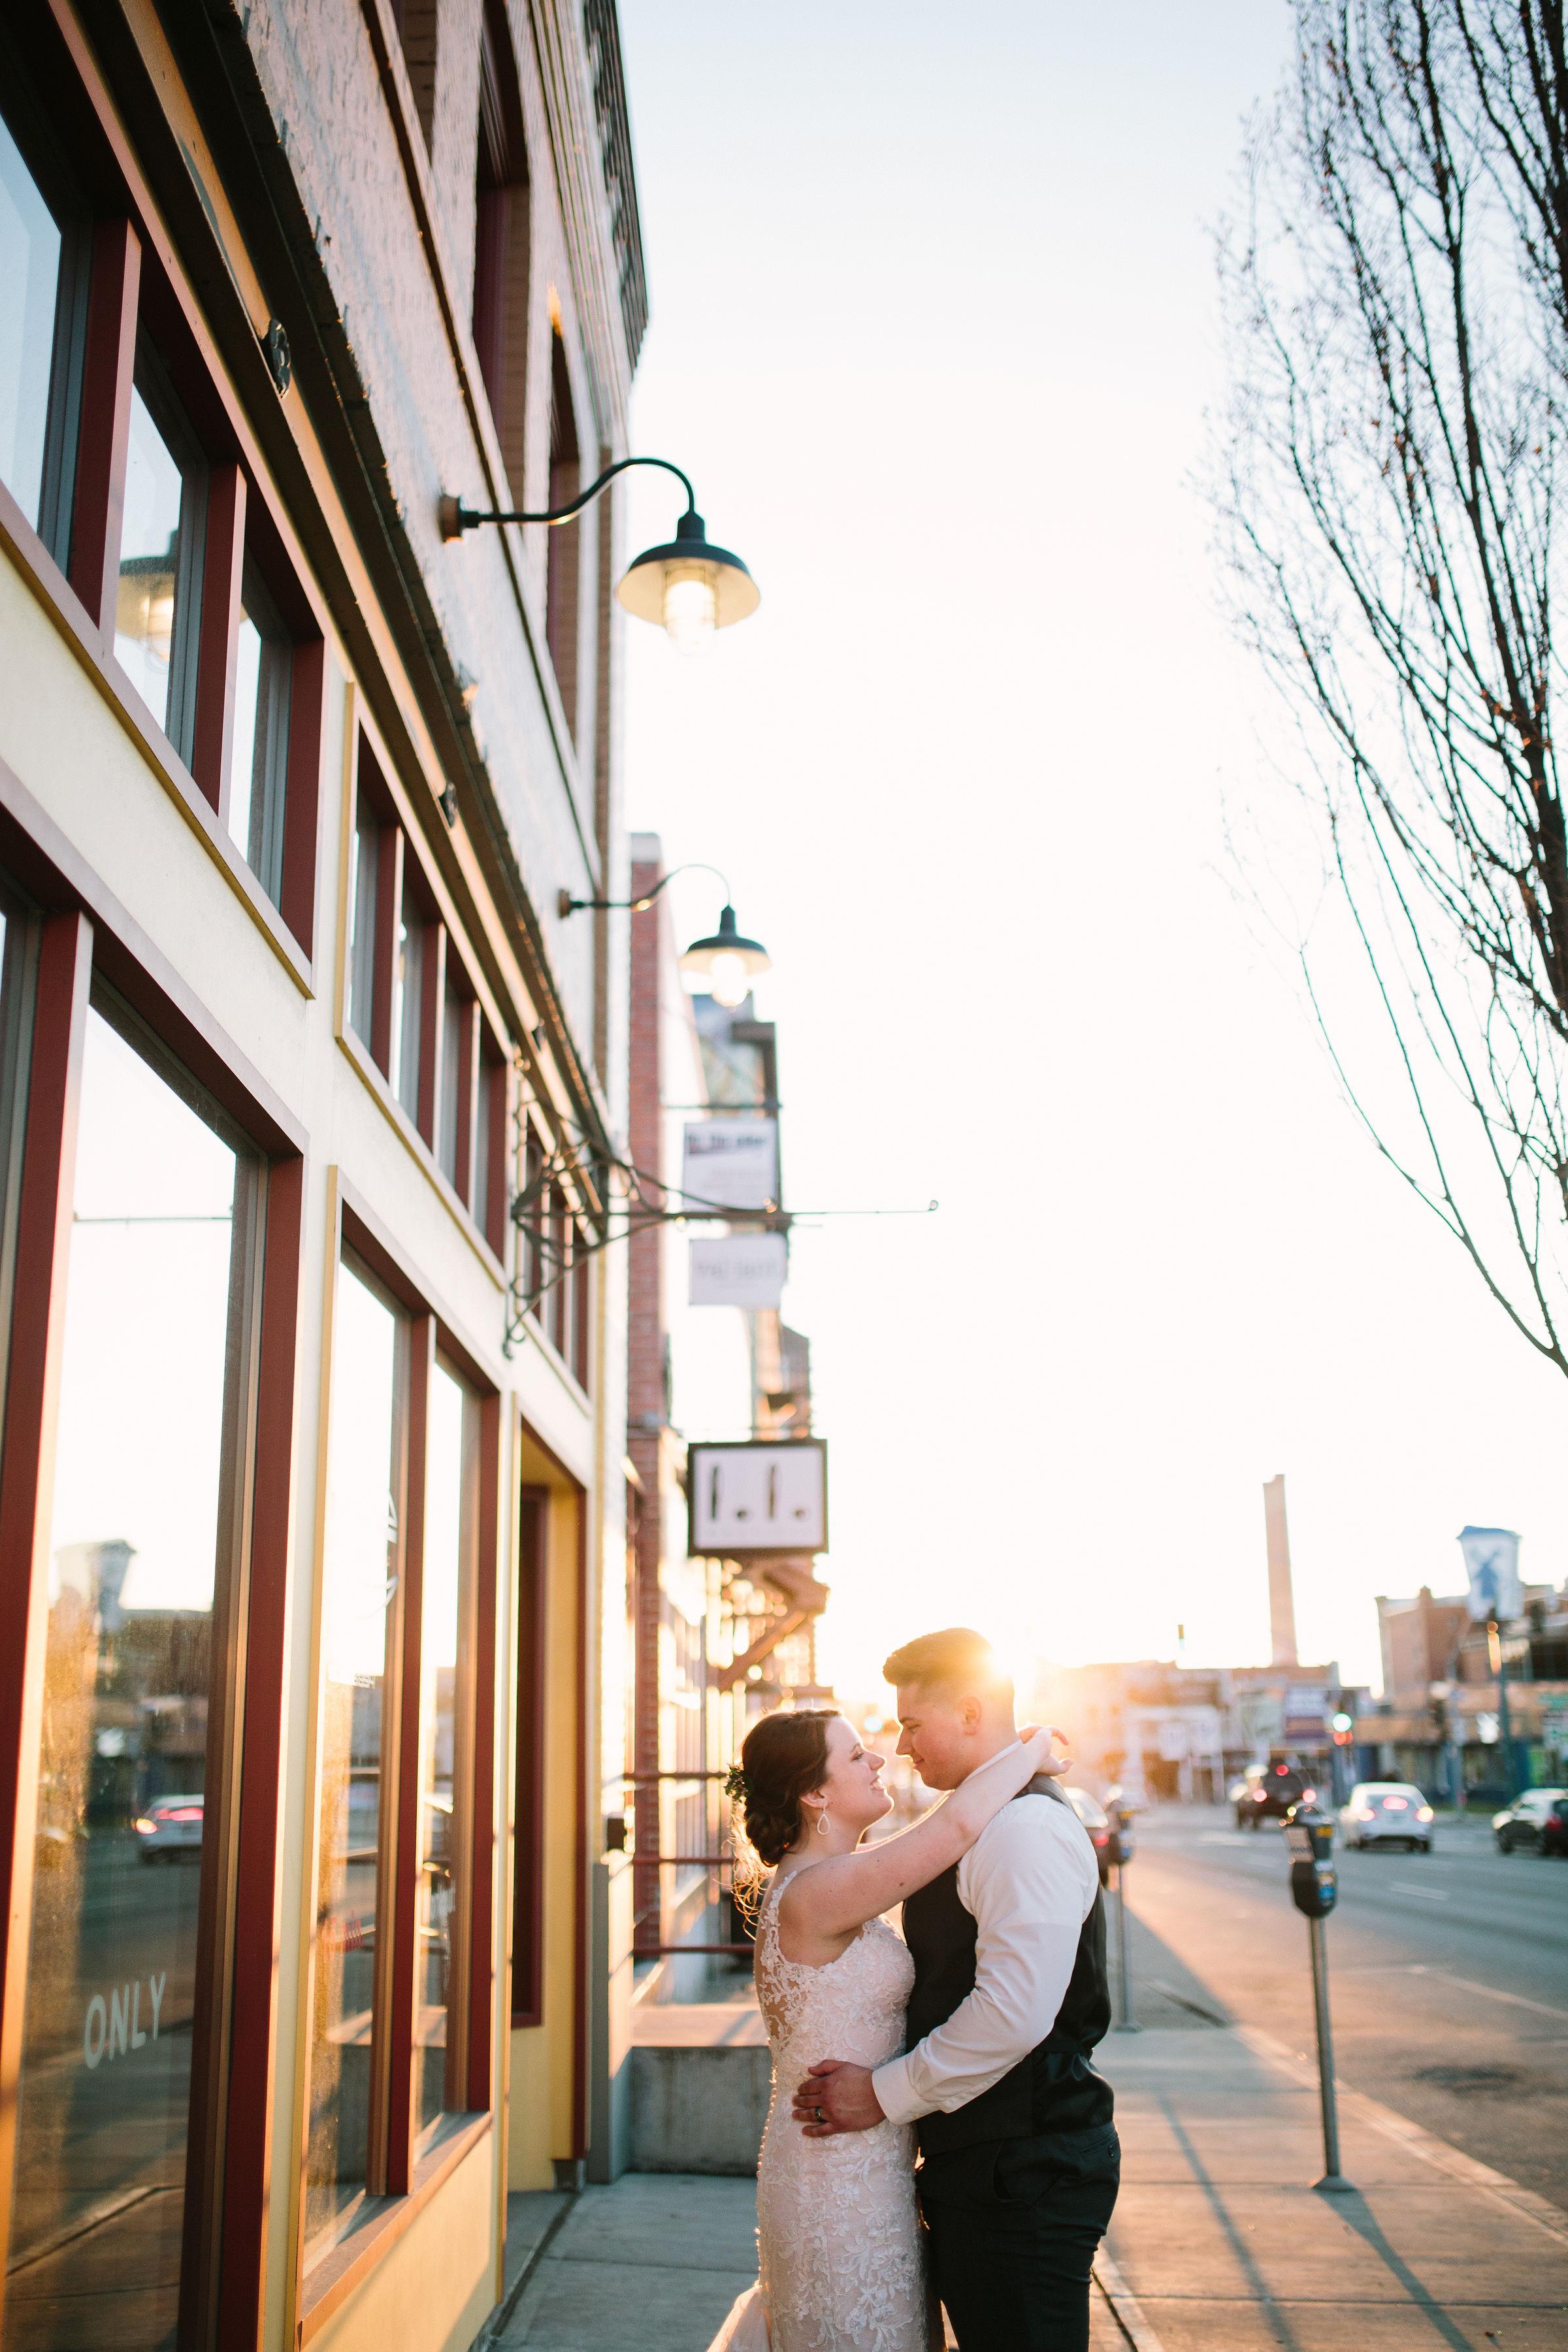 Fun Rustic spokane wedding intimate windows shop trees downtown